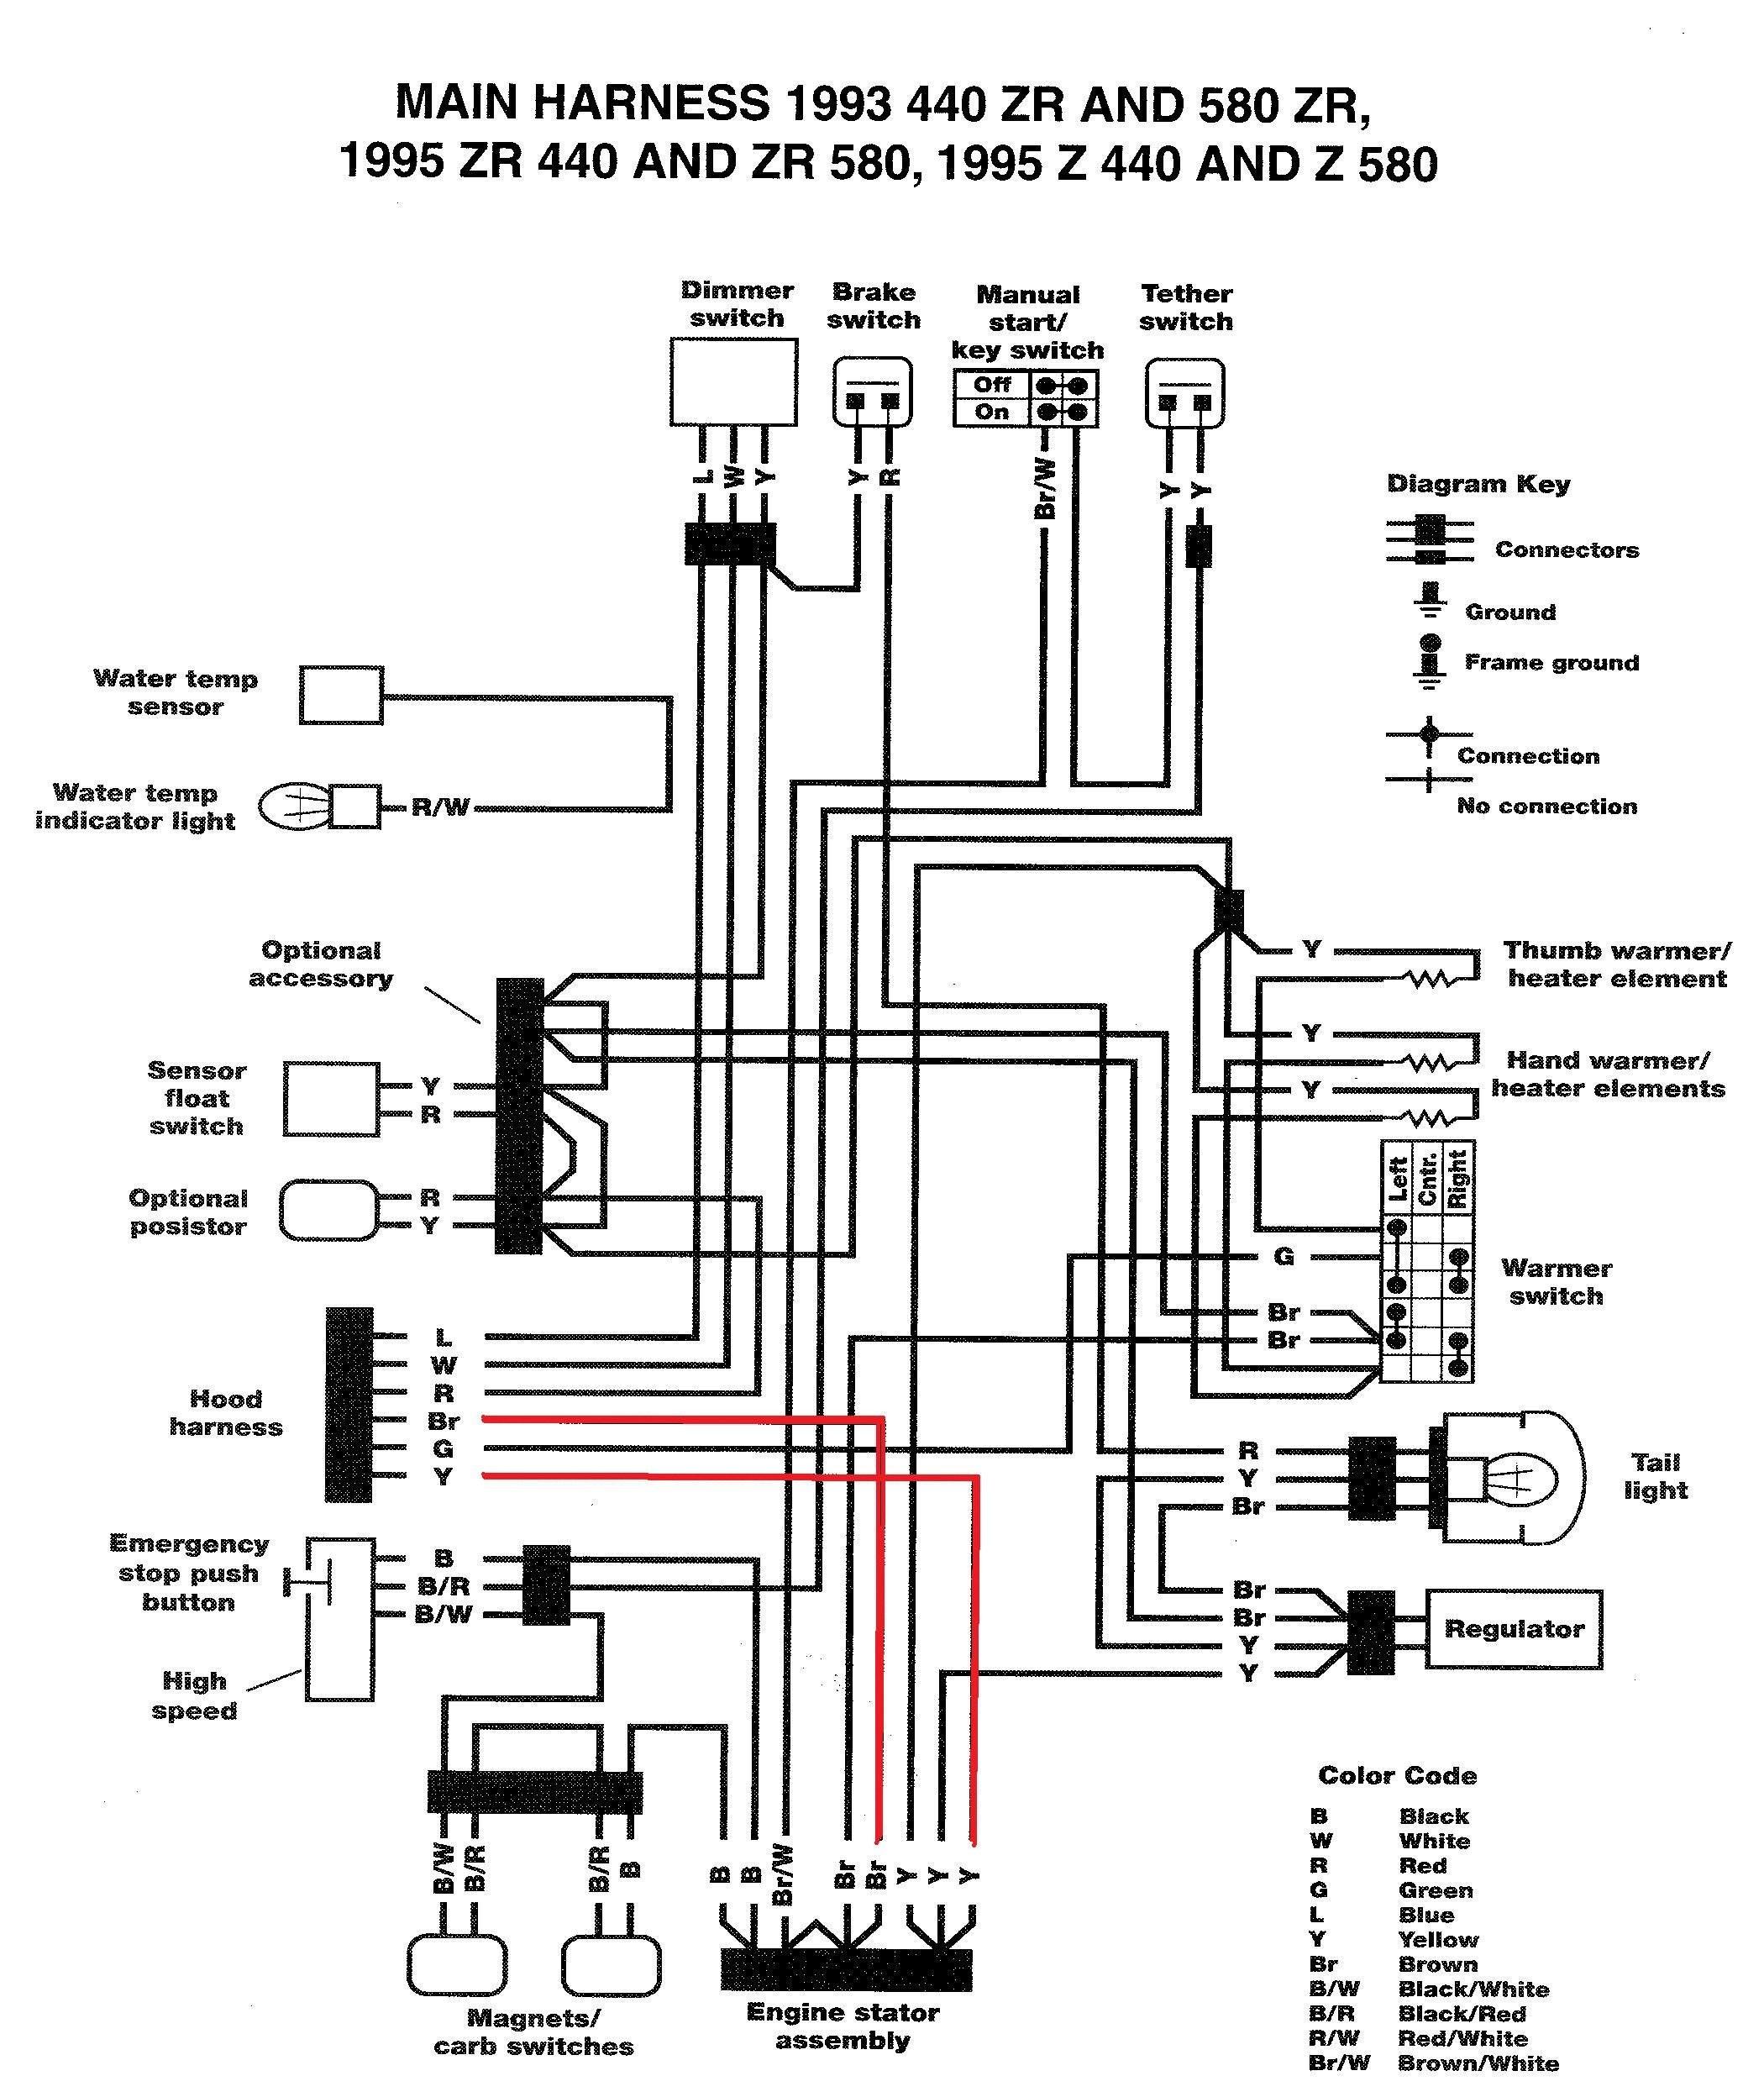 yamaha big bear 400 wiring diagram free download u2022 oasis dl co rh oasis dl co yamaha big bear 400 wiring diagram 2007 yamaha big bear 400 wiring diagram